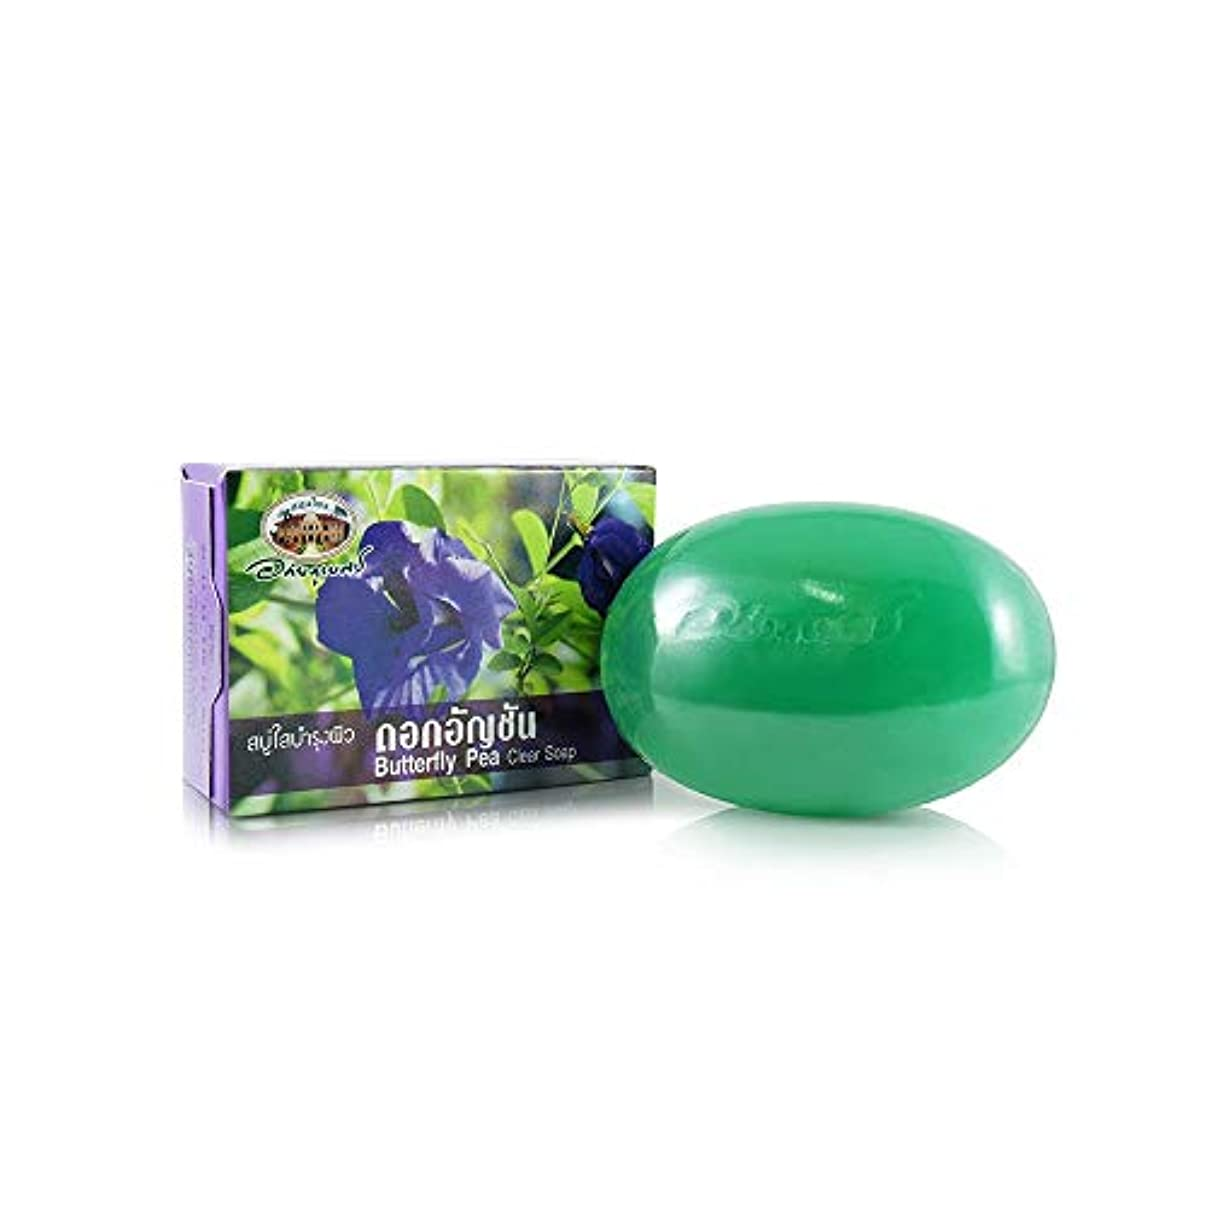 刺す砂利部Abhaibhubejhr Pea Flowers Vitamin E Herbal Body Cleaning Soap 100g. Abhaibhubejhrピー花ビタミンEハーブボディクリーニングソープ100グラム。